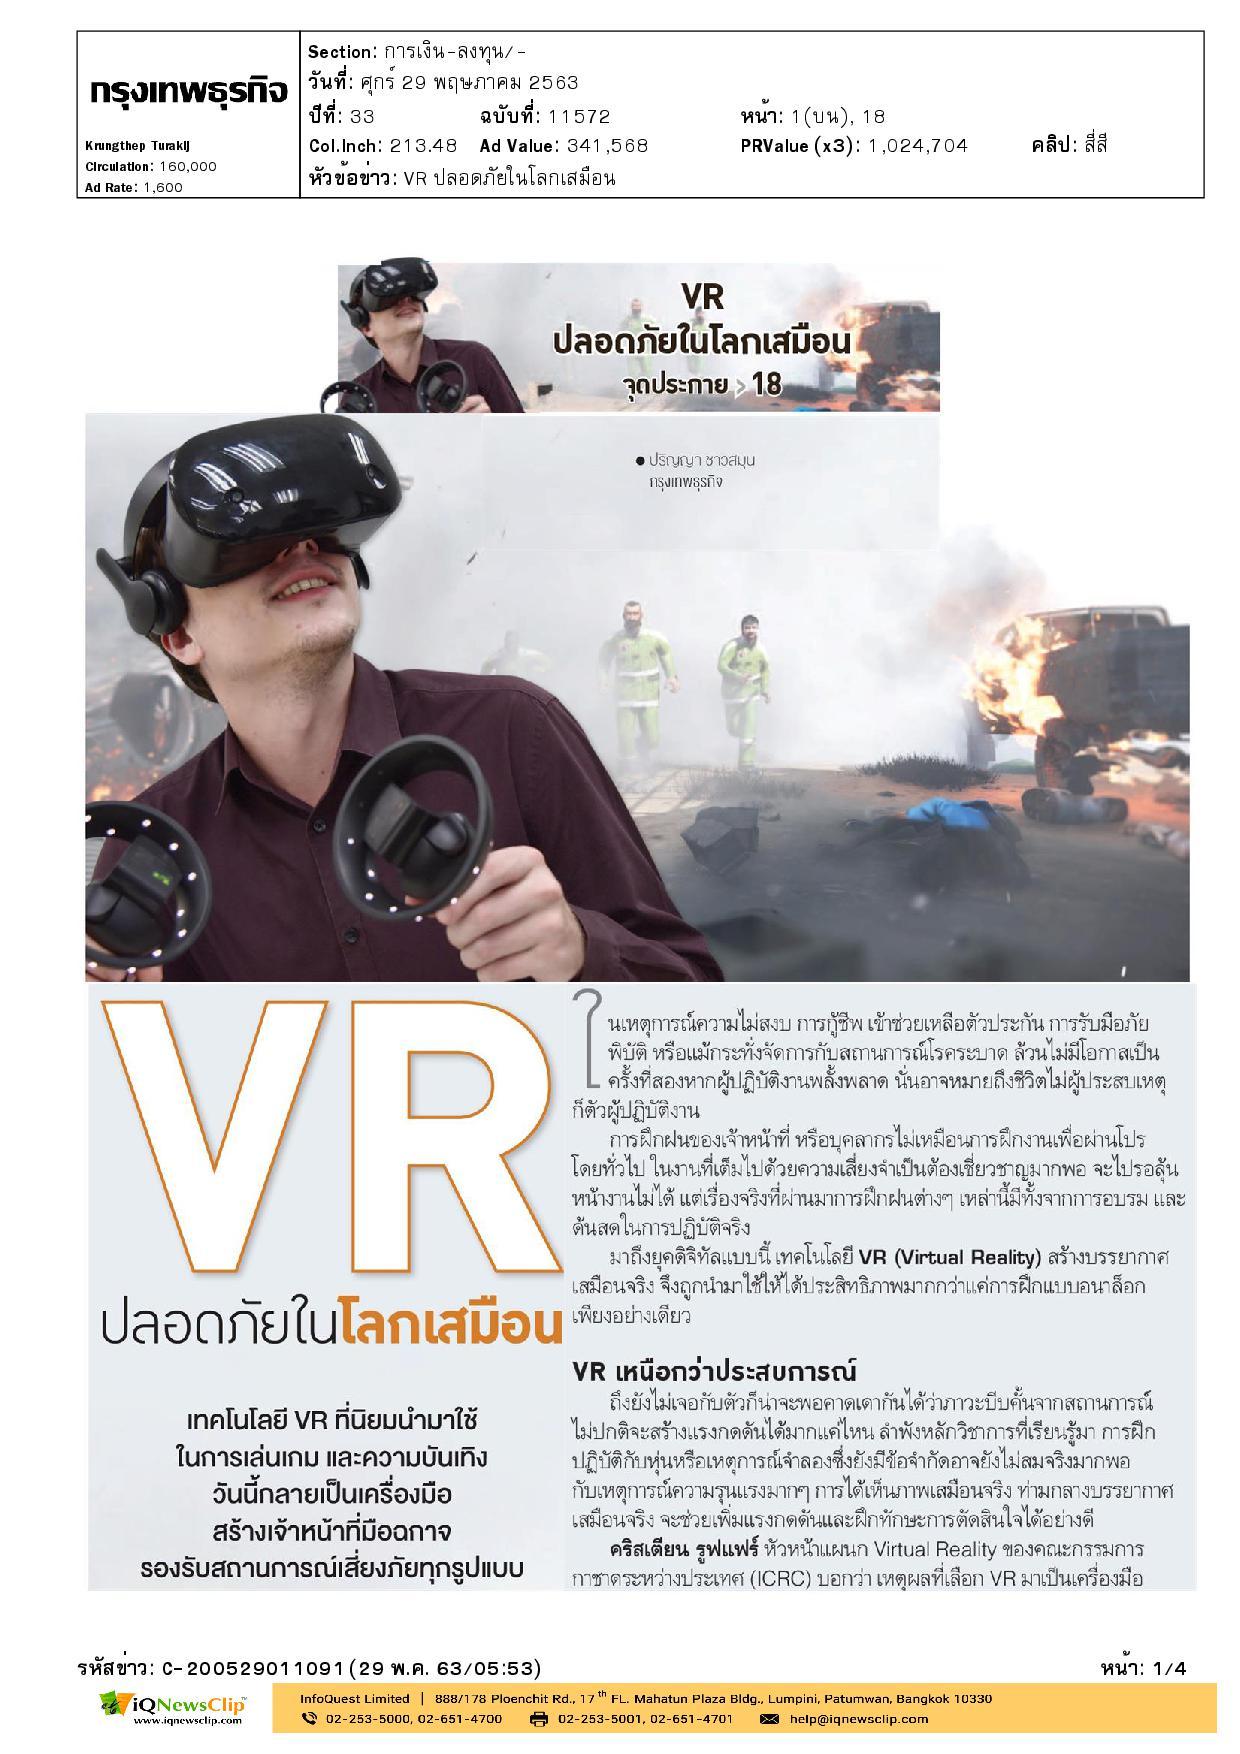 บทความ เรื่อง VR ปลอดภัยในโลกเสมือน